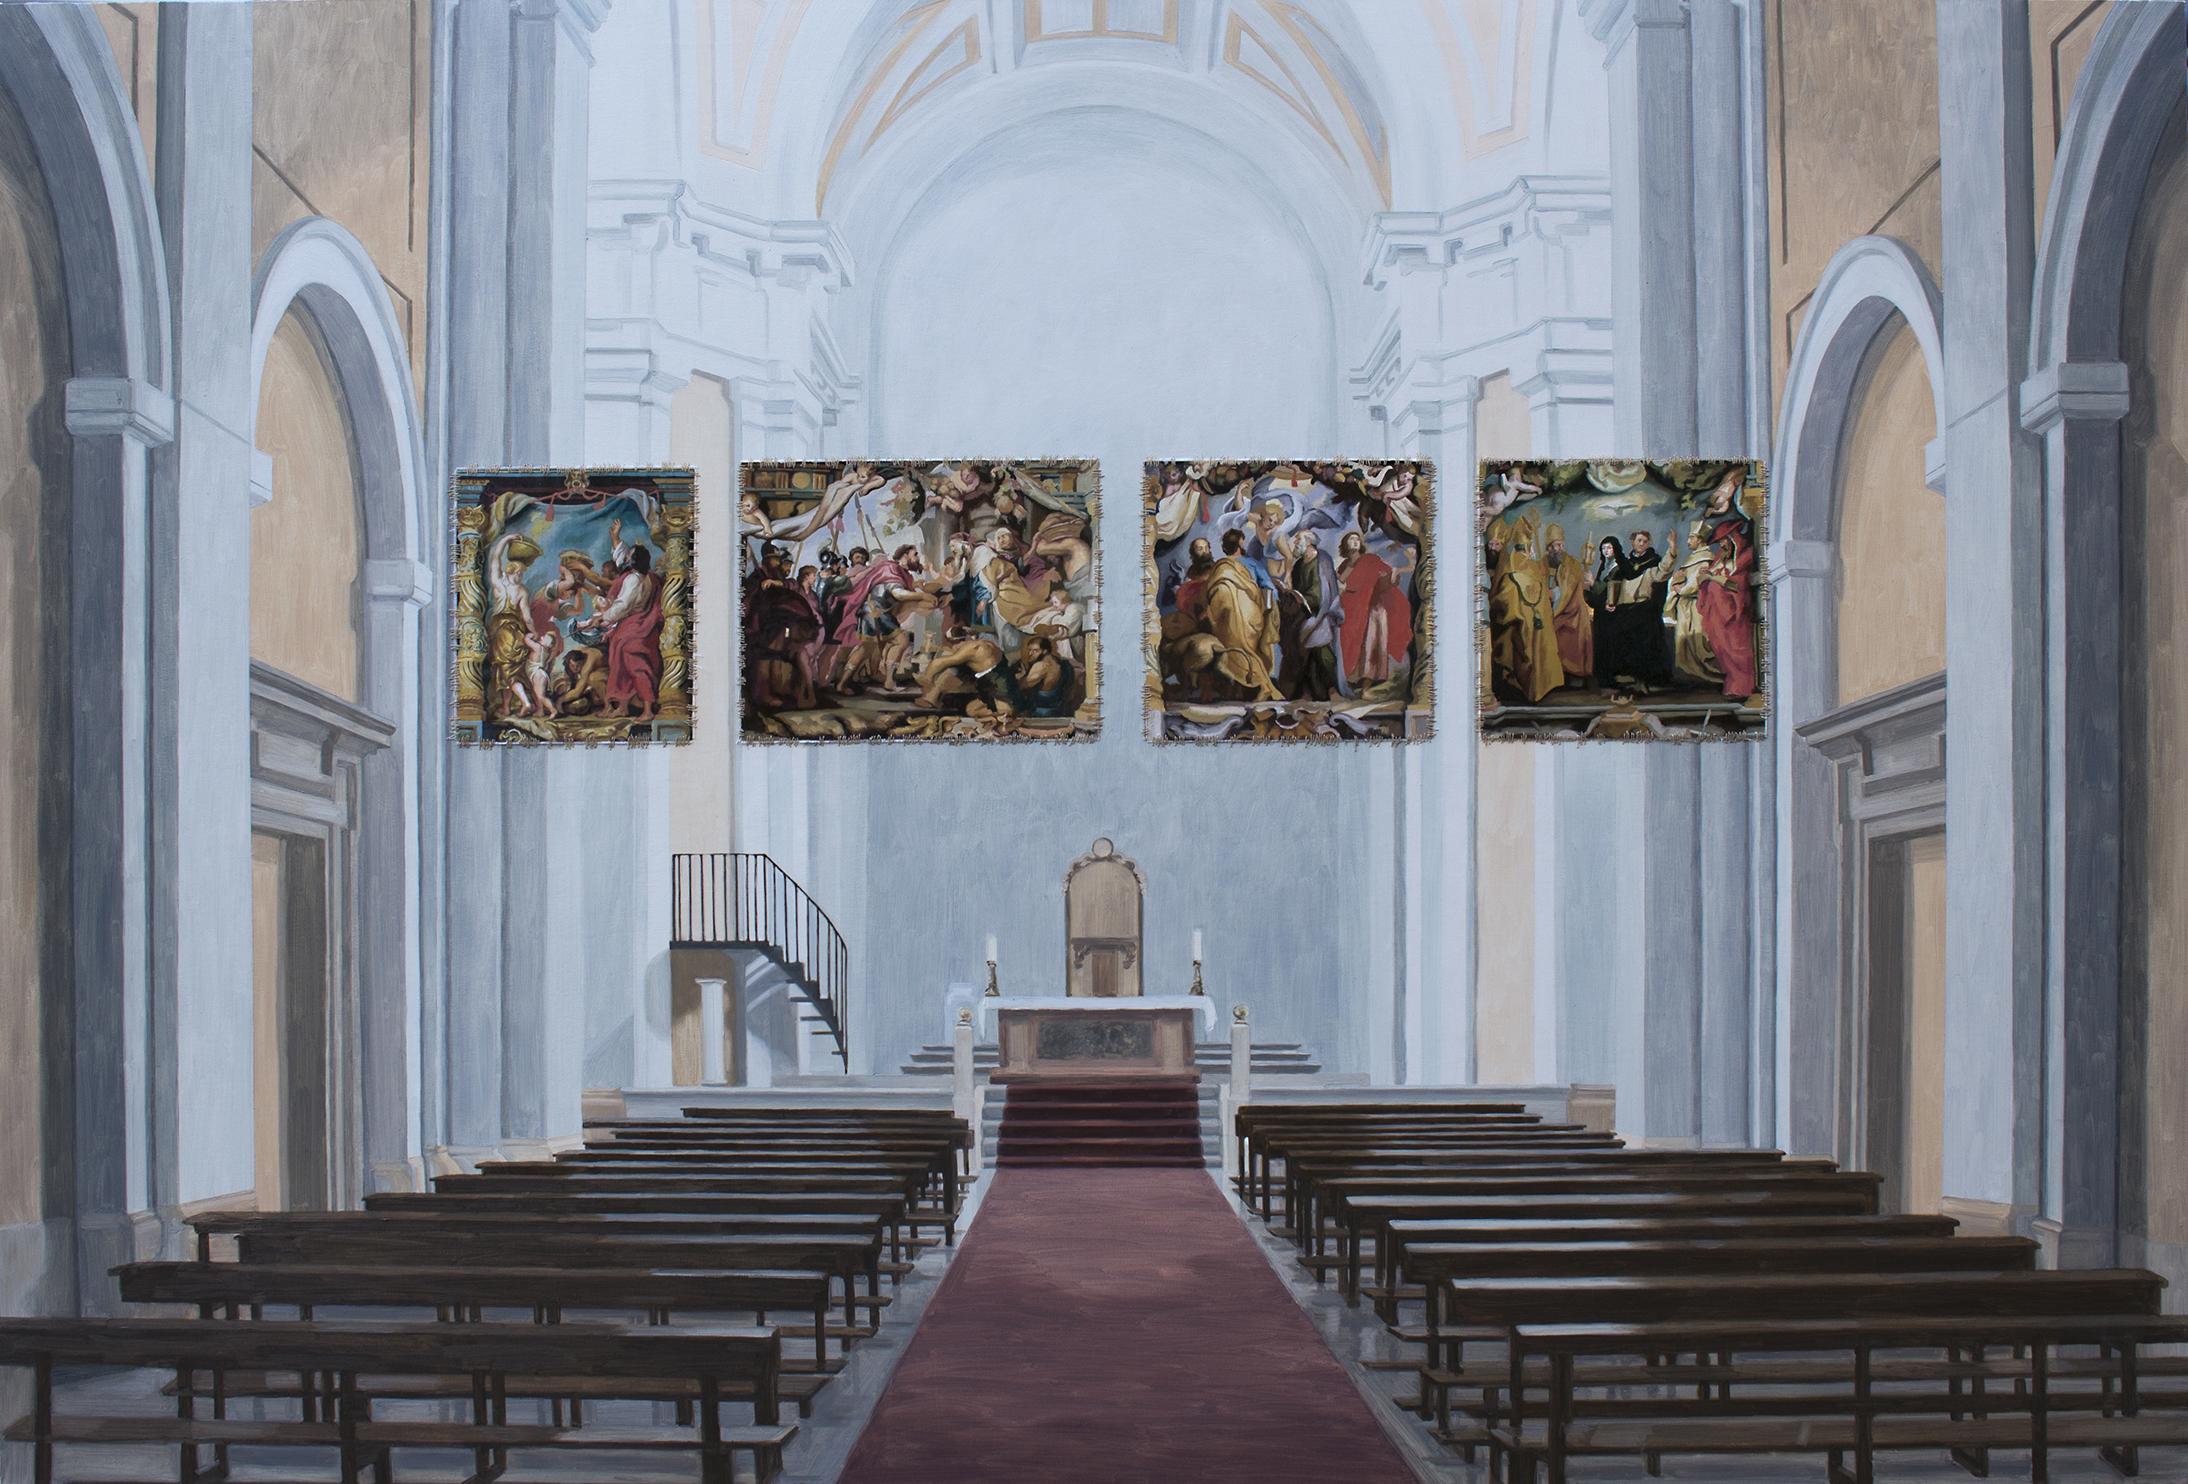 Sustracción en el Convento de las Dominicas de Loeches (Rubens). Óleo sobre lienzo. 110 x 162 cm.